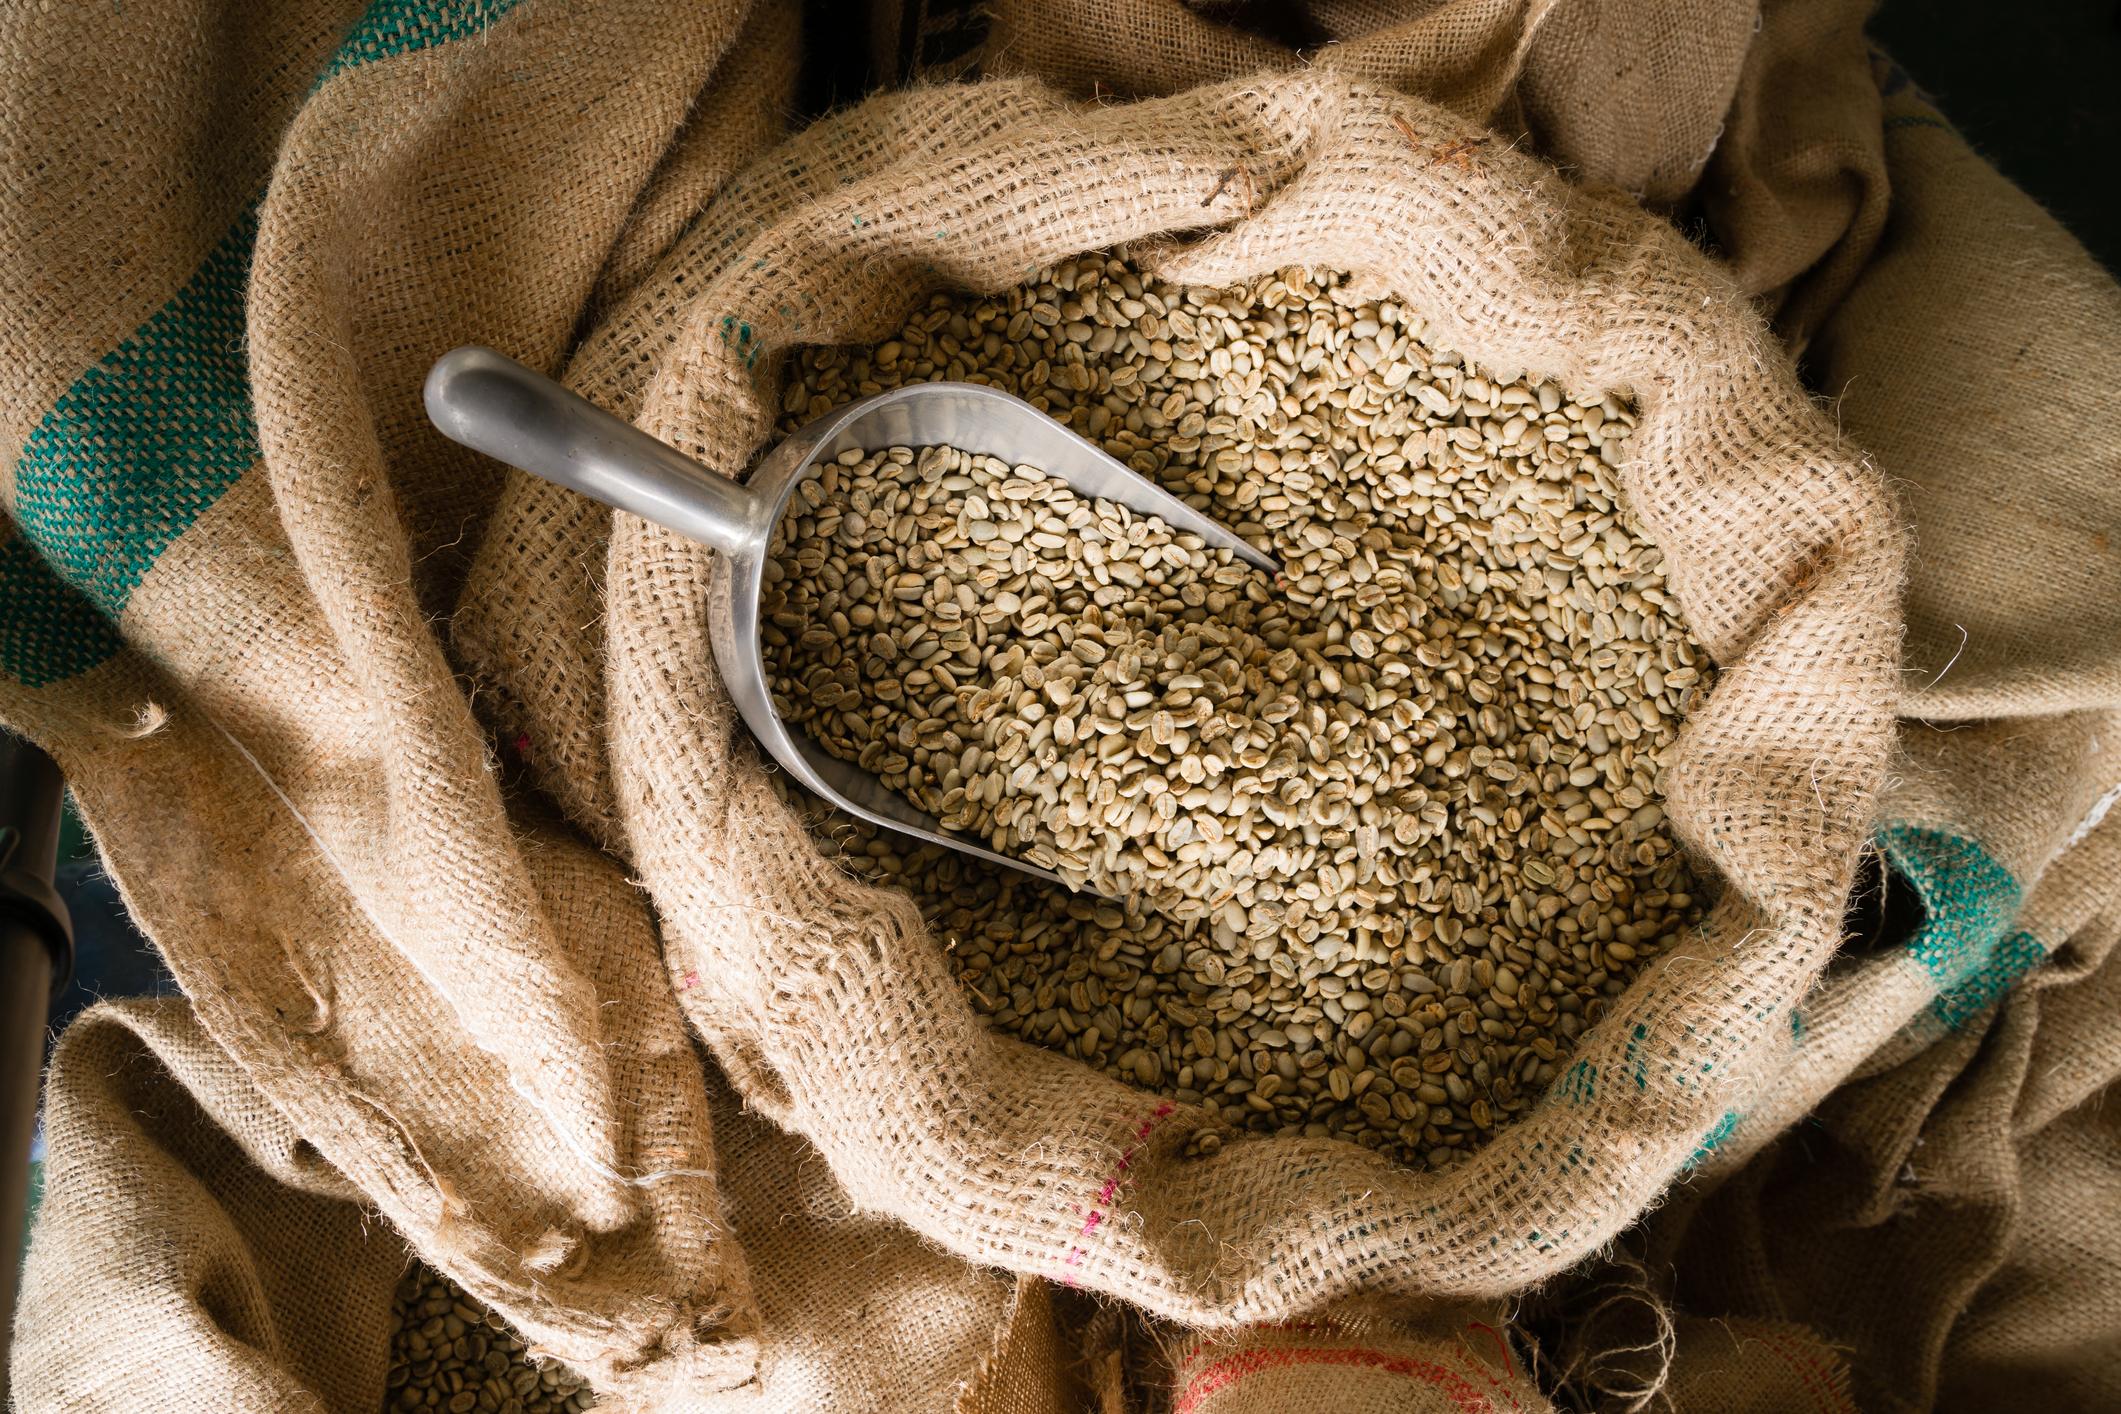 De groene Arabica koffiebonen nadat ze door de ontsteener zijn geweest.